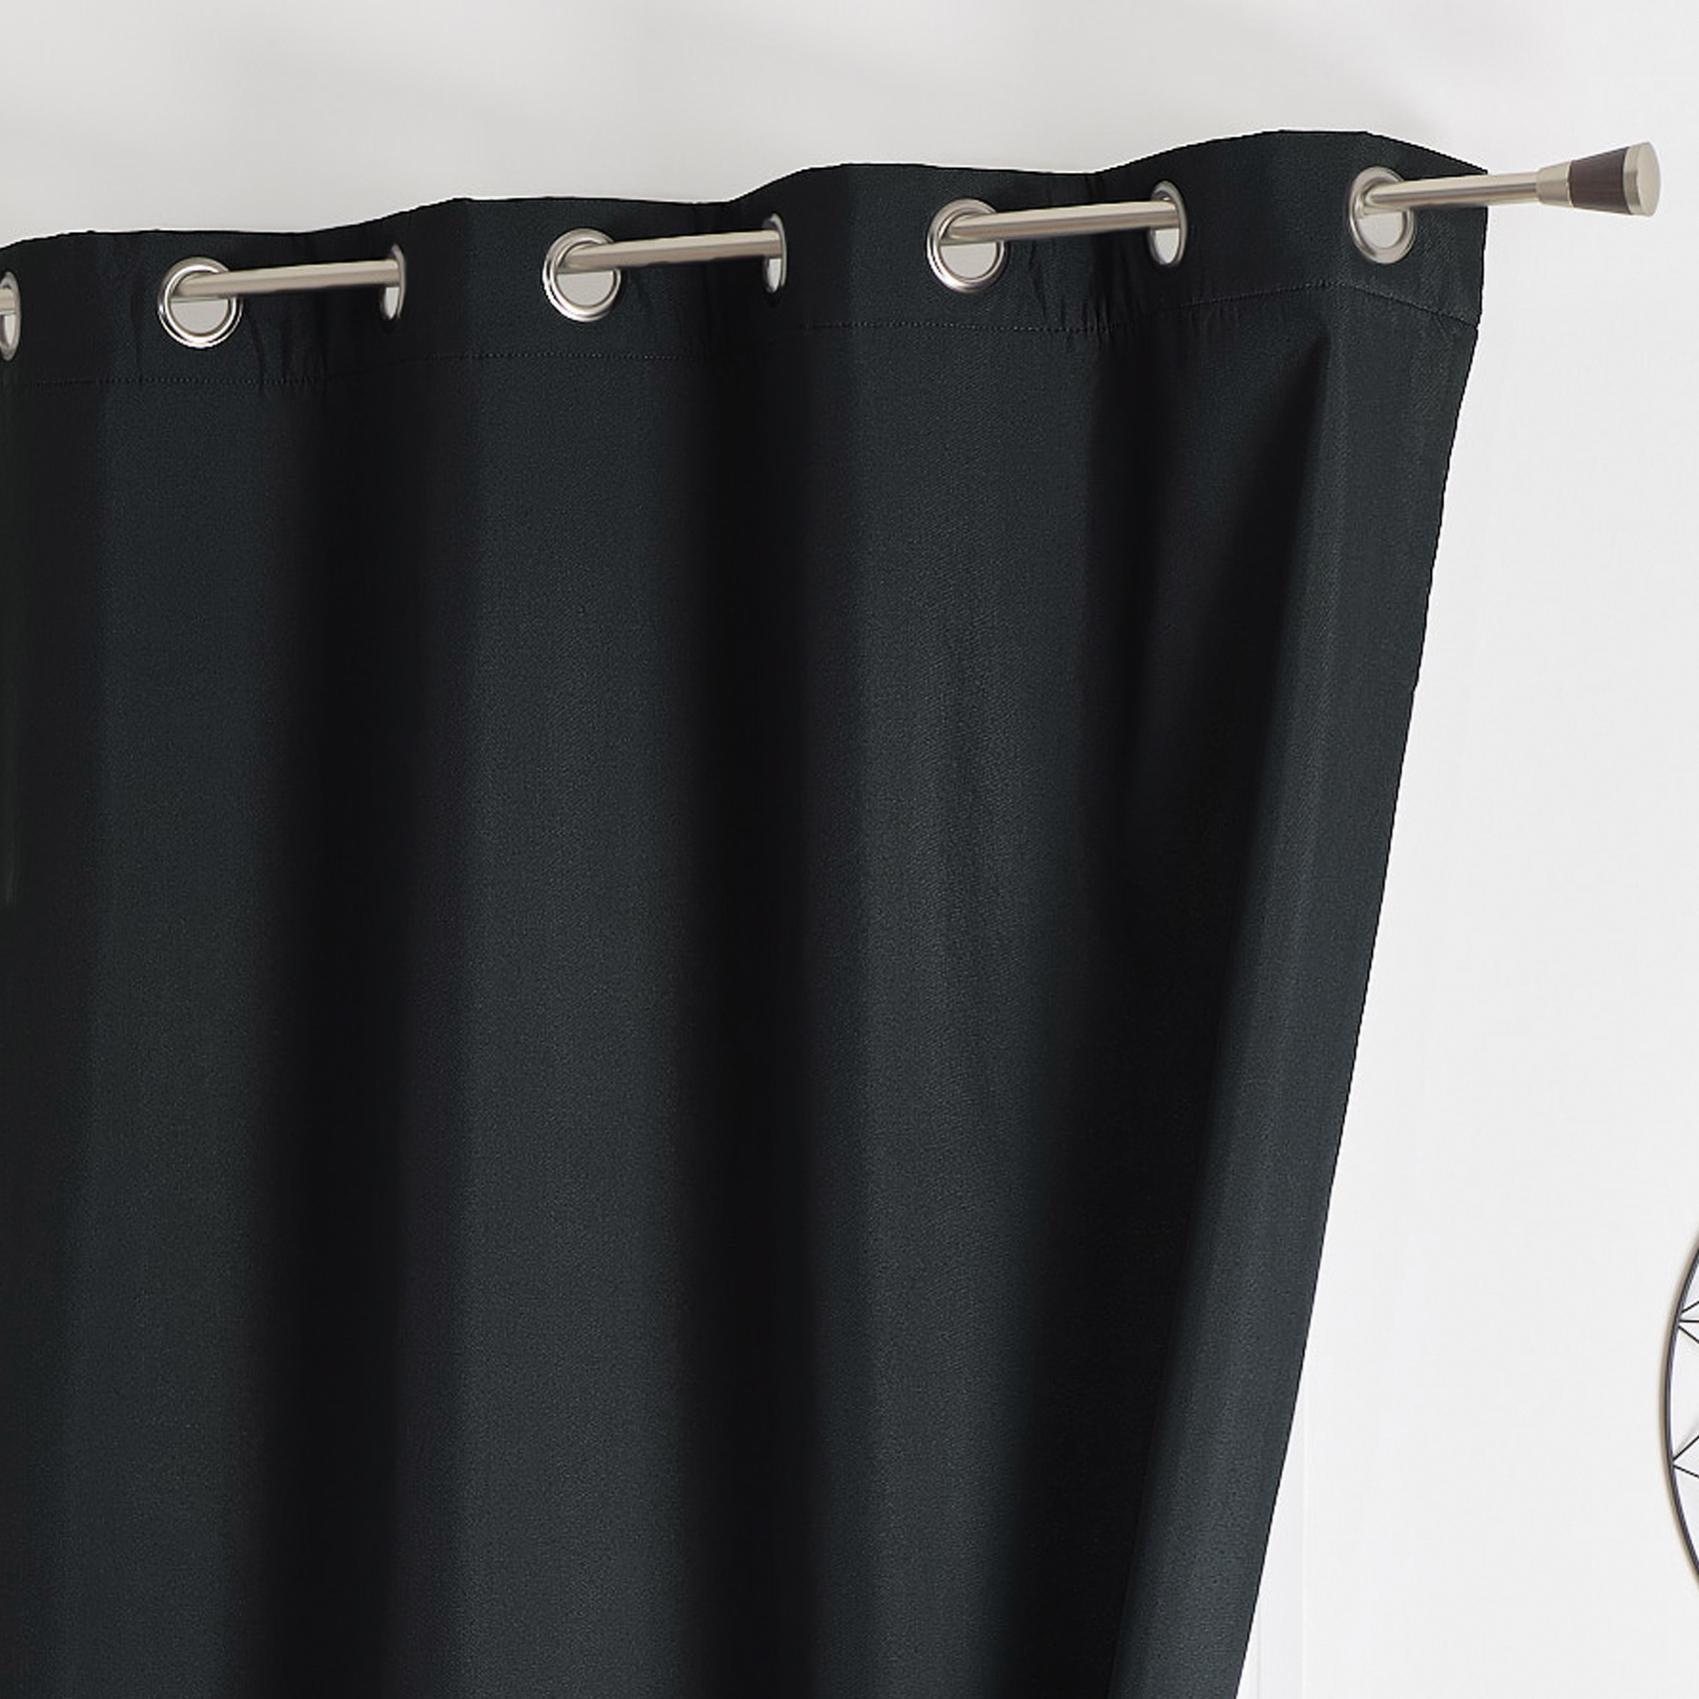 rideau isolant thermique  noir  140 x 260 cm  occultant